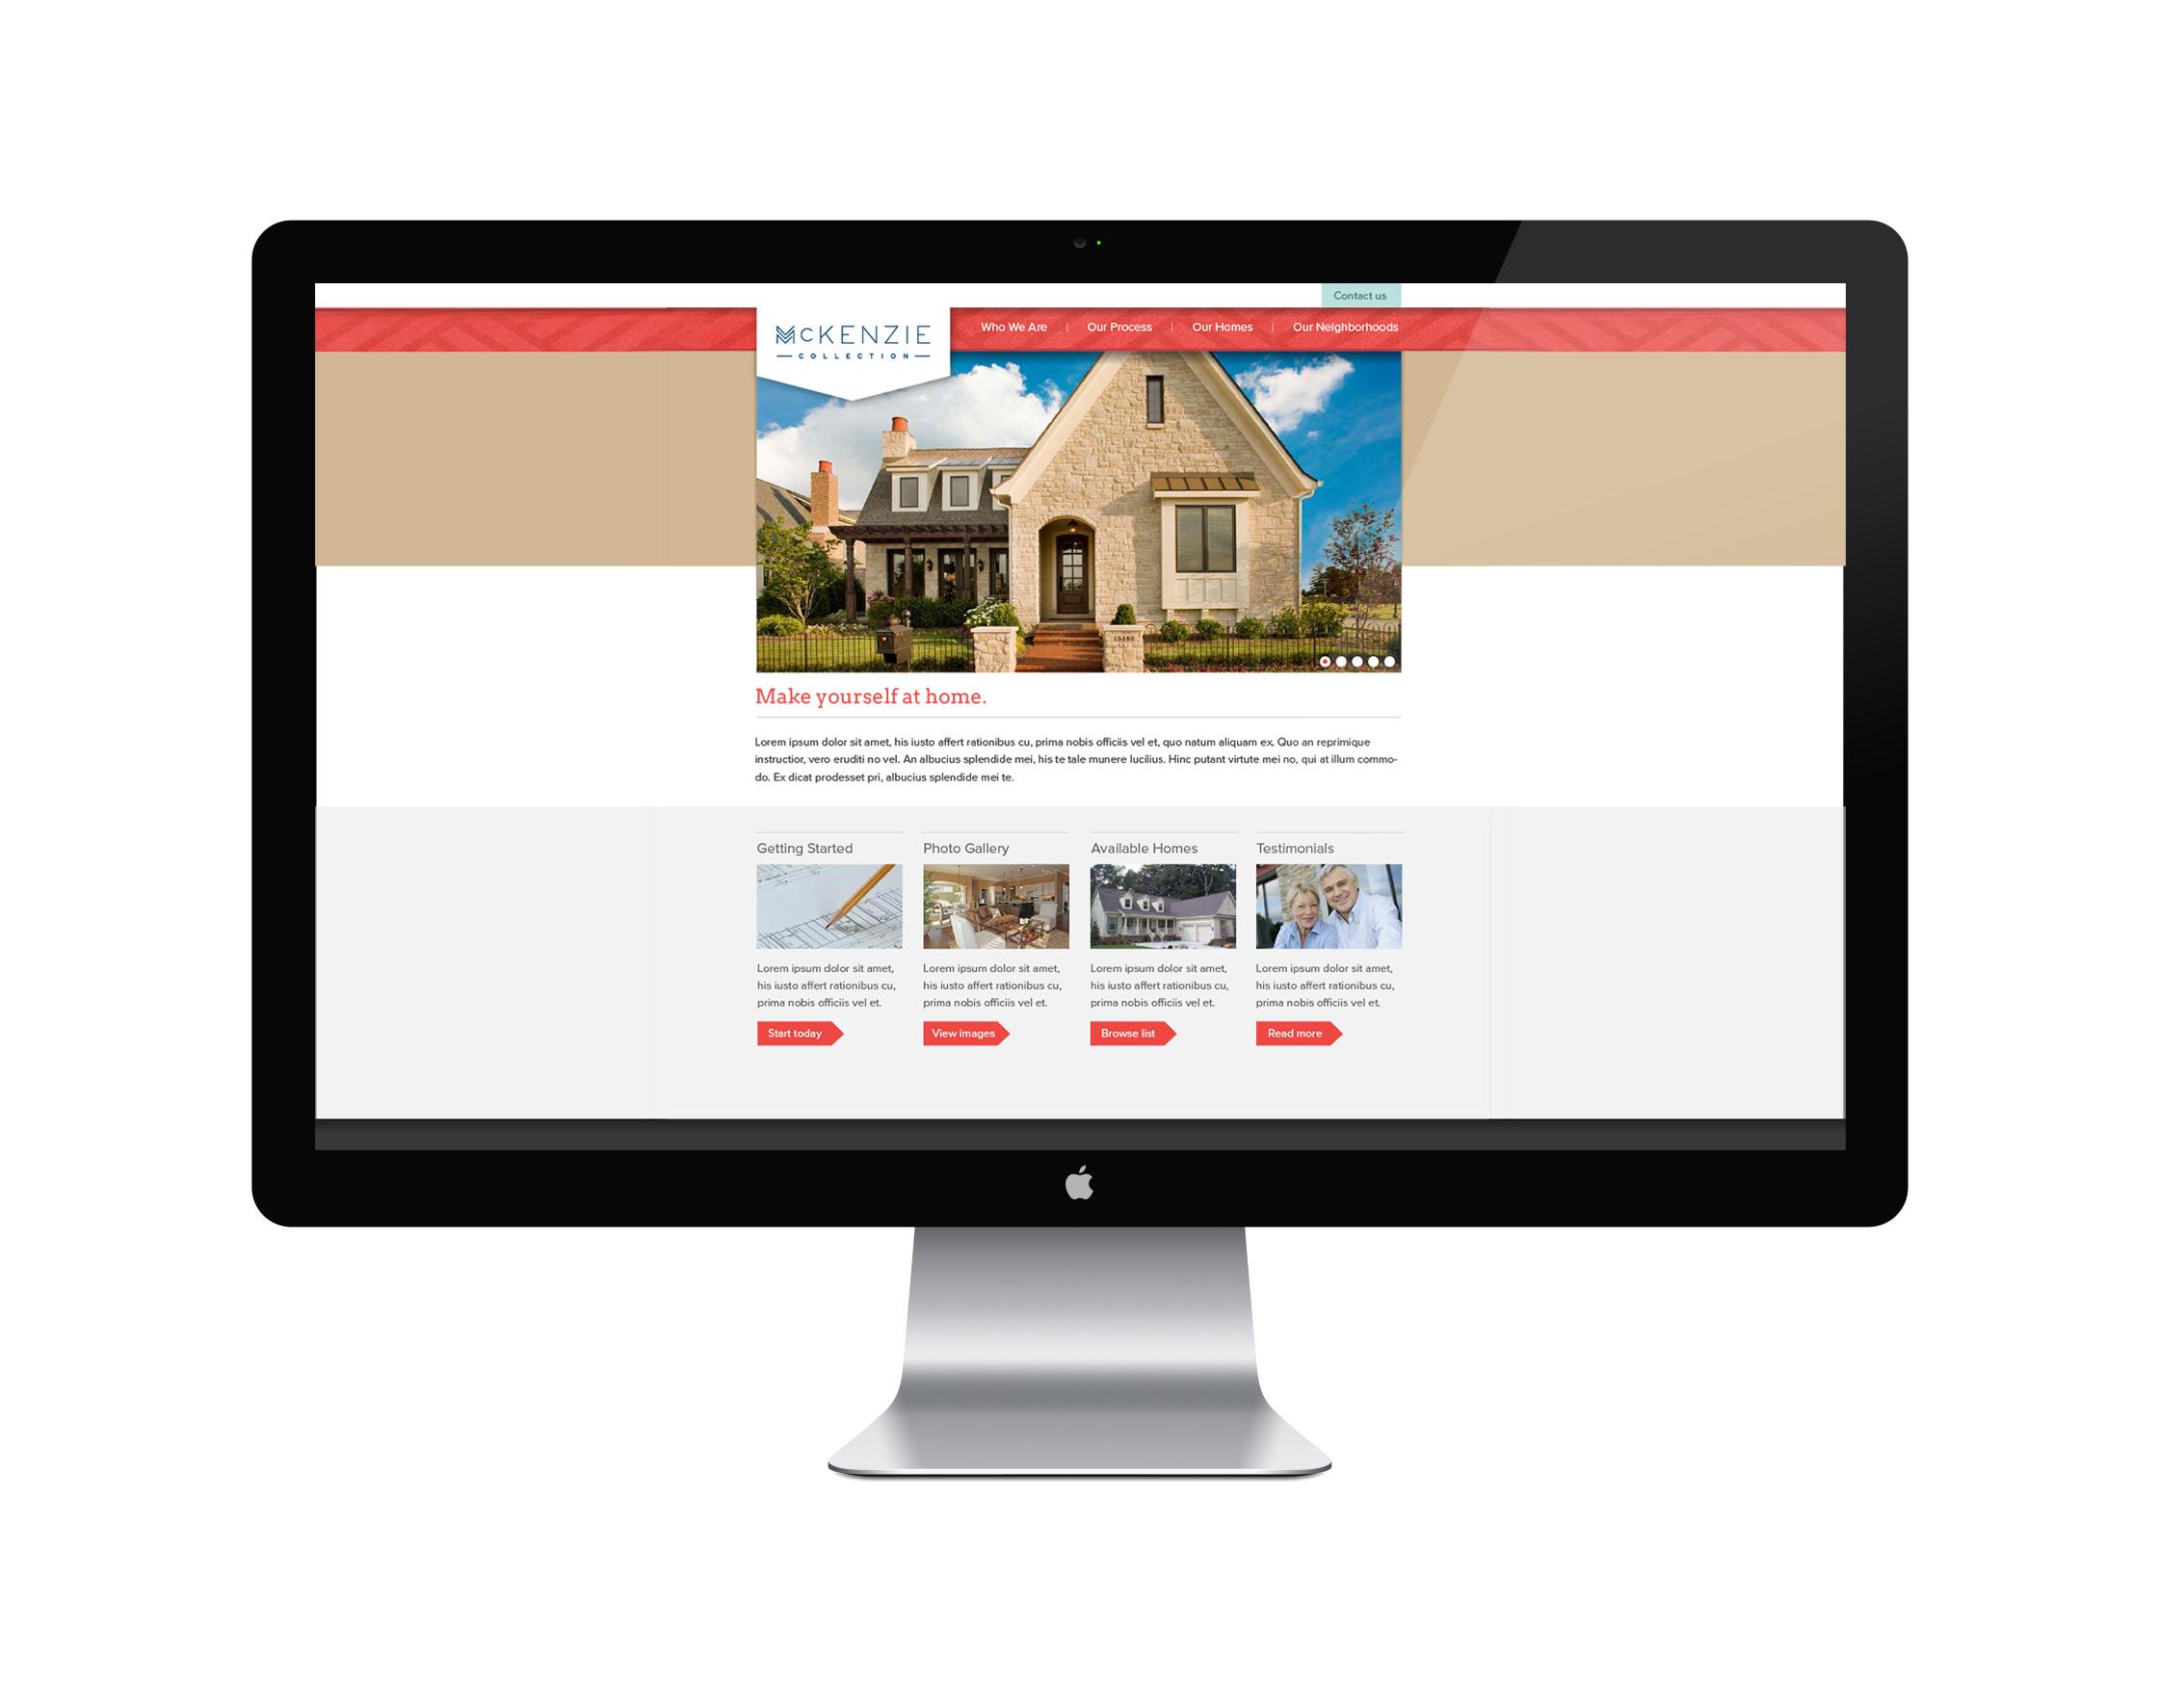 McKenzie Collection Website